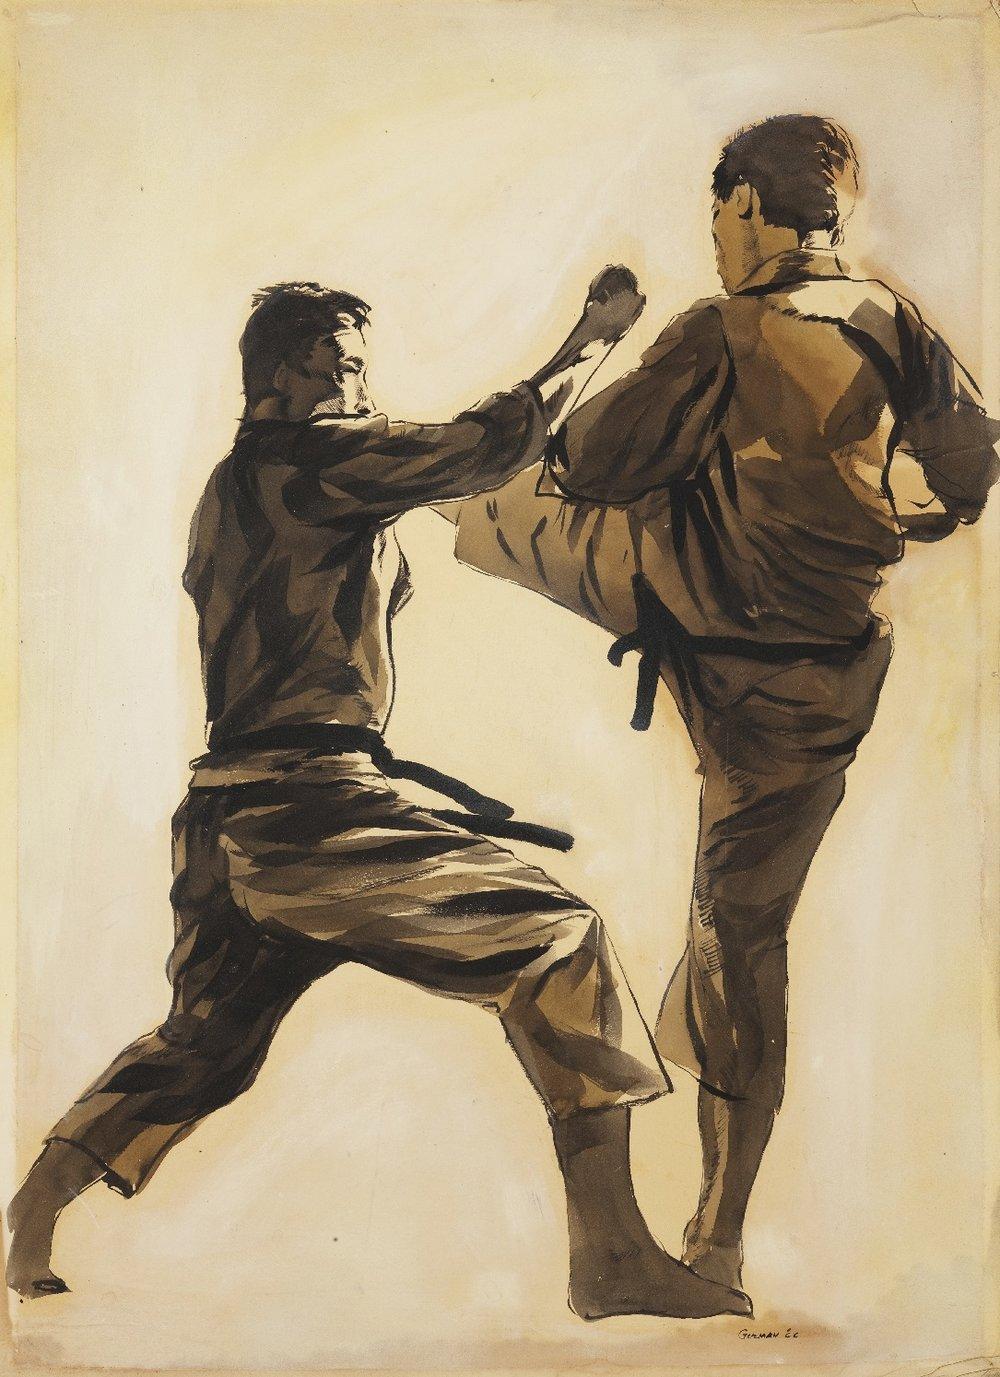 Artist: M. Guzman 1966 (SKL dojo Riverside)